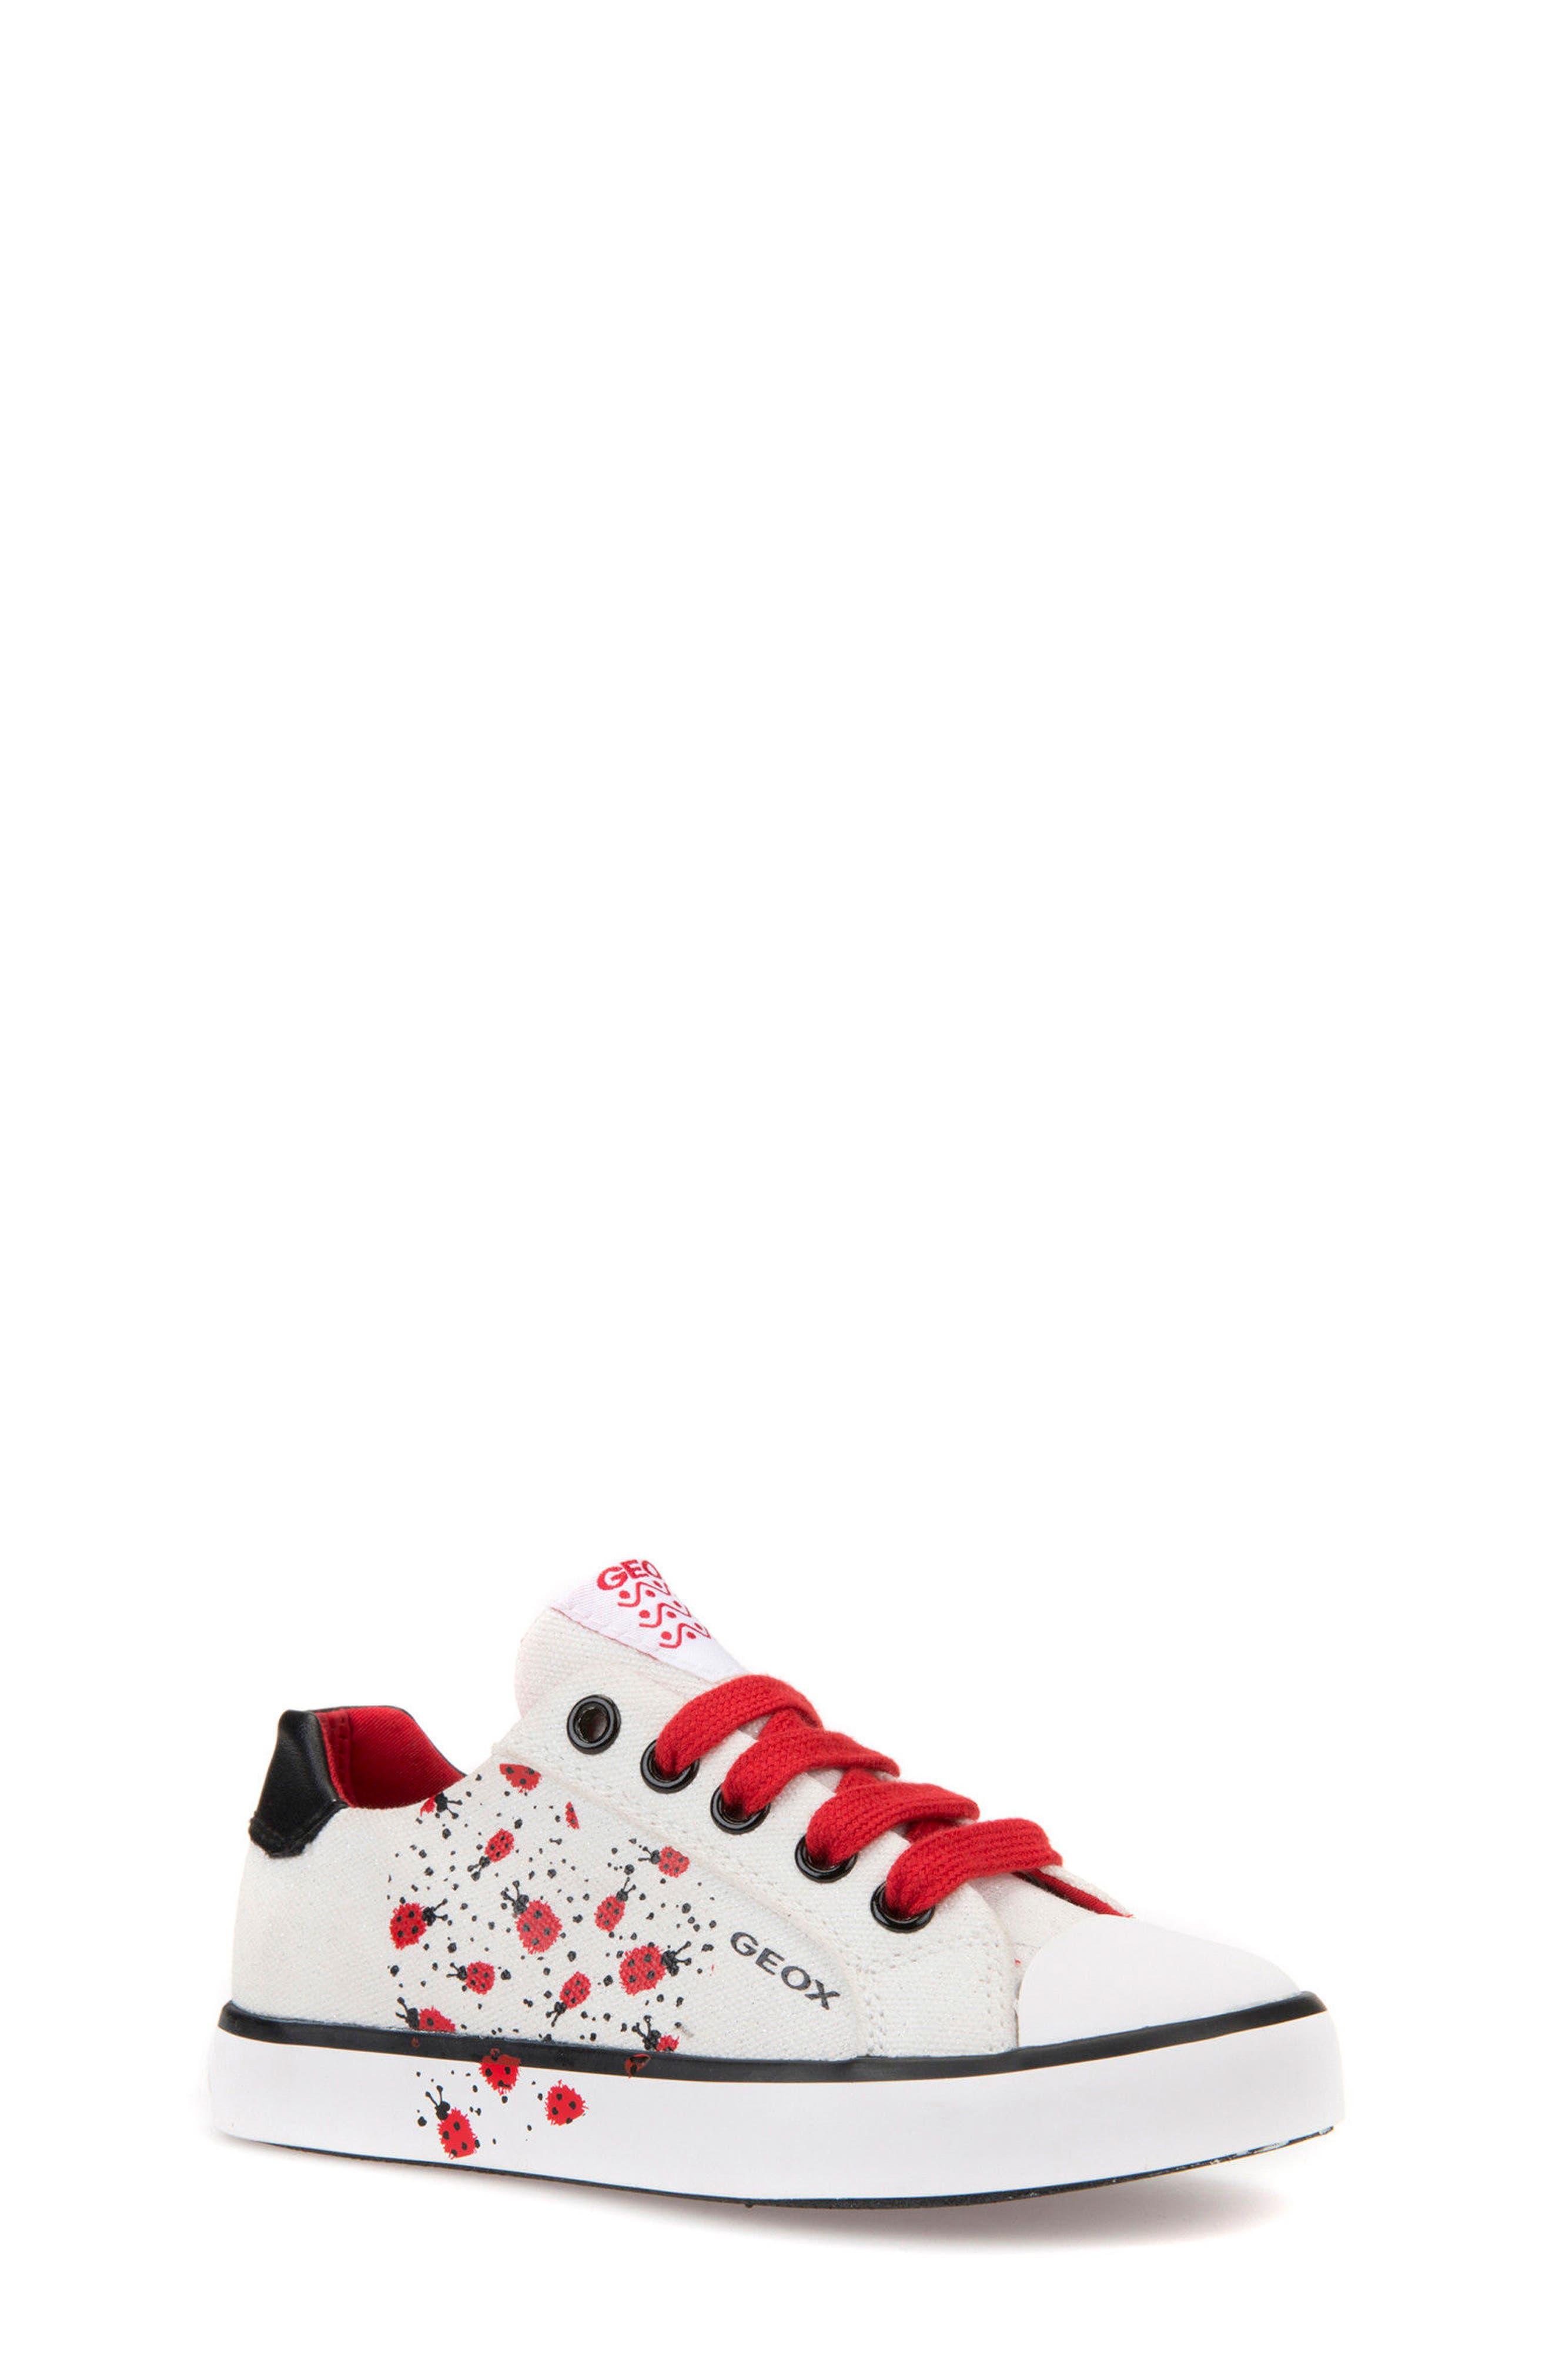 Ciak Low Top Sneaker,                             Main thumbnail 1, color,                             116